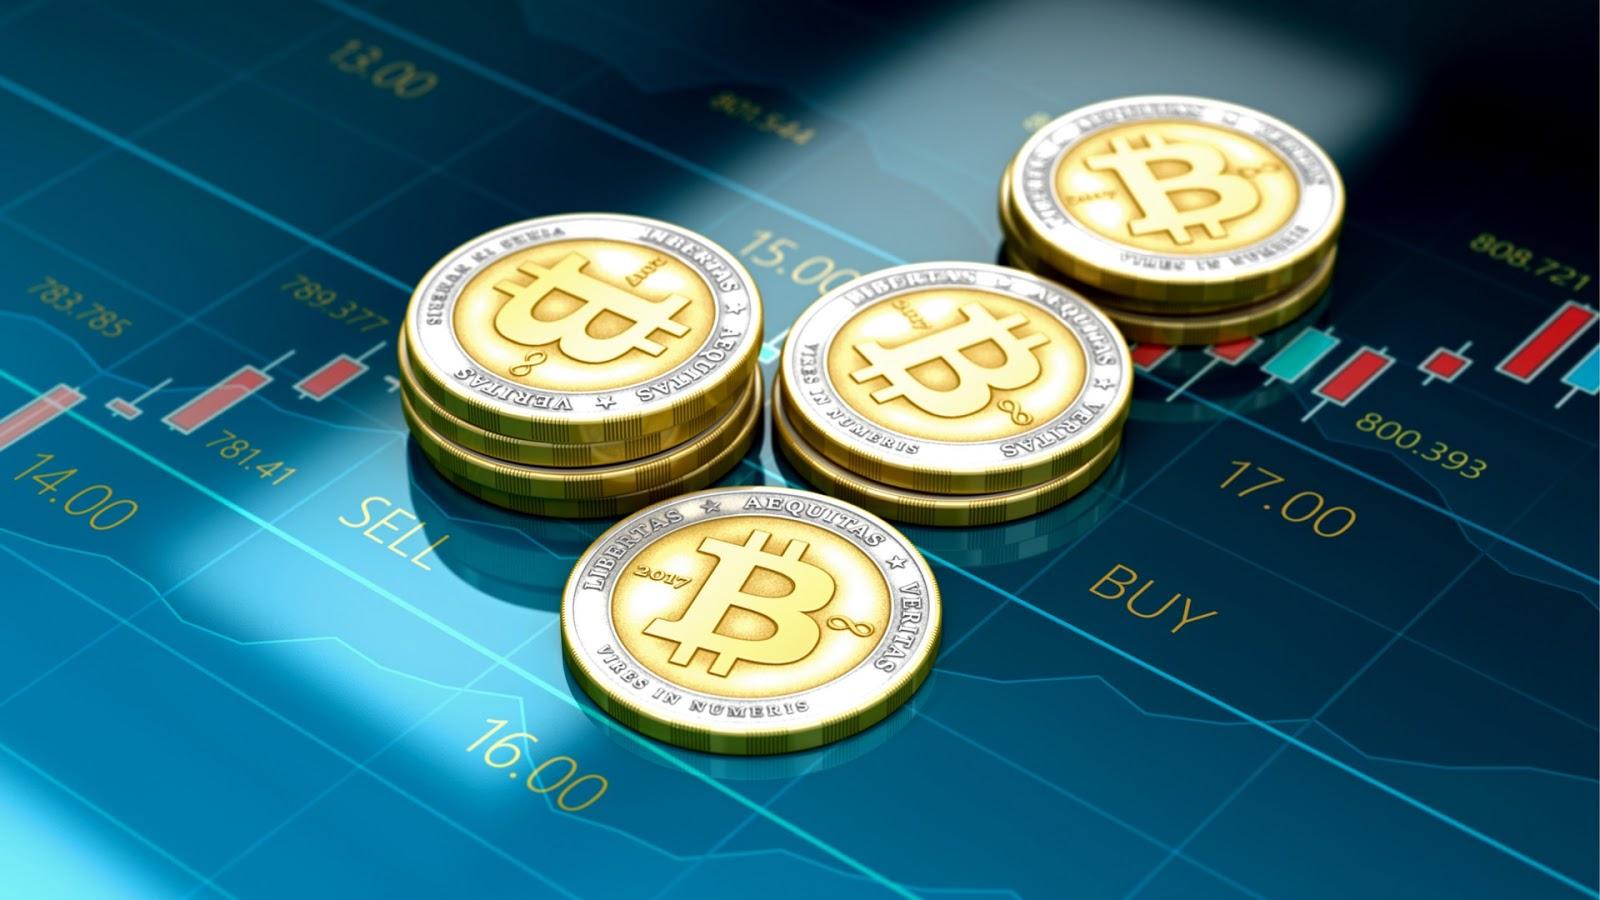 Bitcoin ghi nhận quý tệ nhất lịch sử sau khi hơn 114 tỷ USD 'bốc hơi' khỏi market